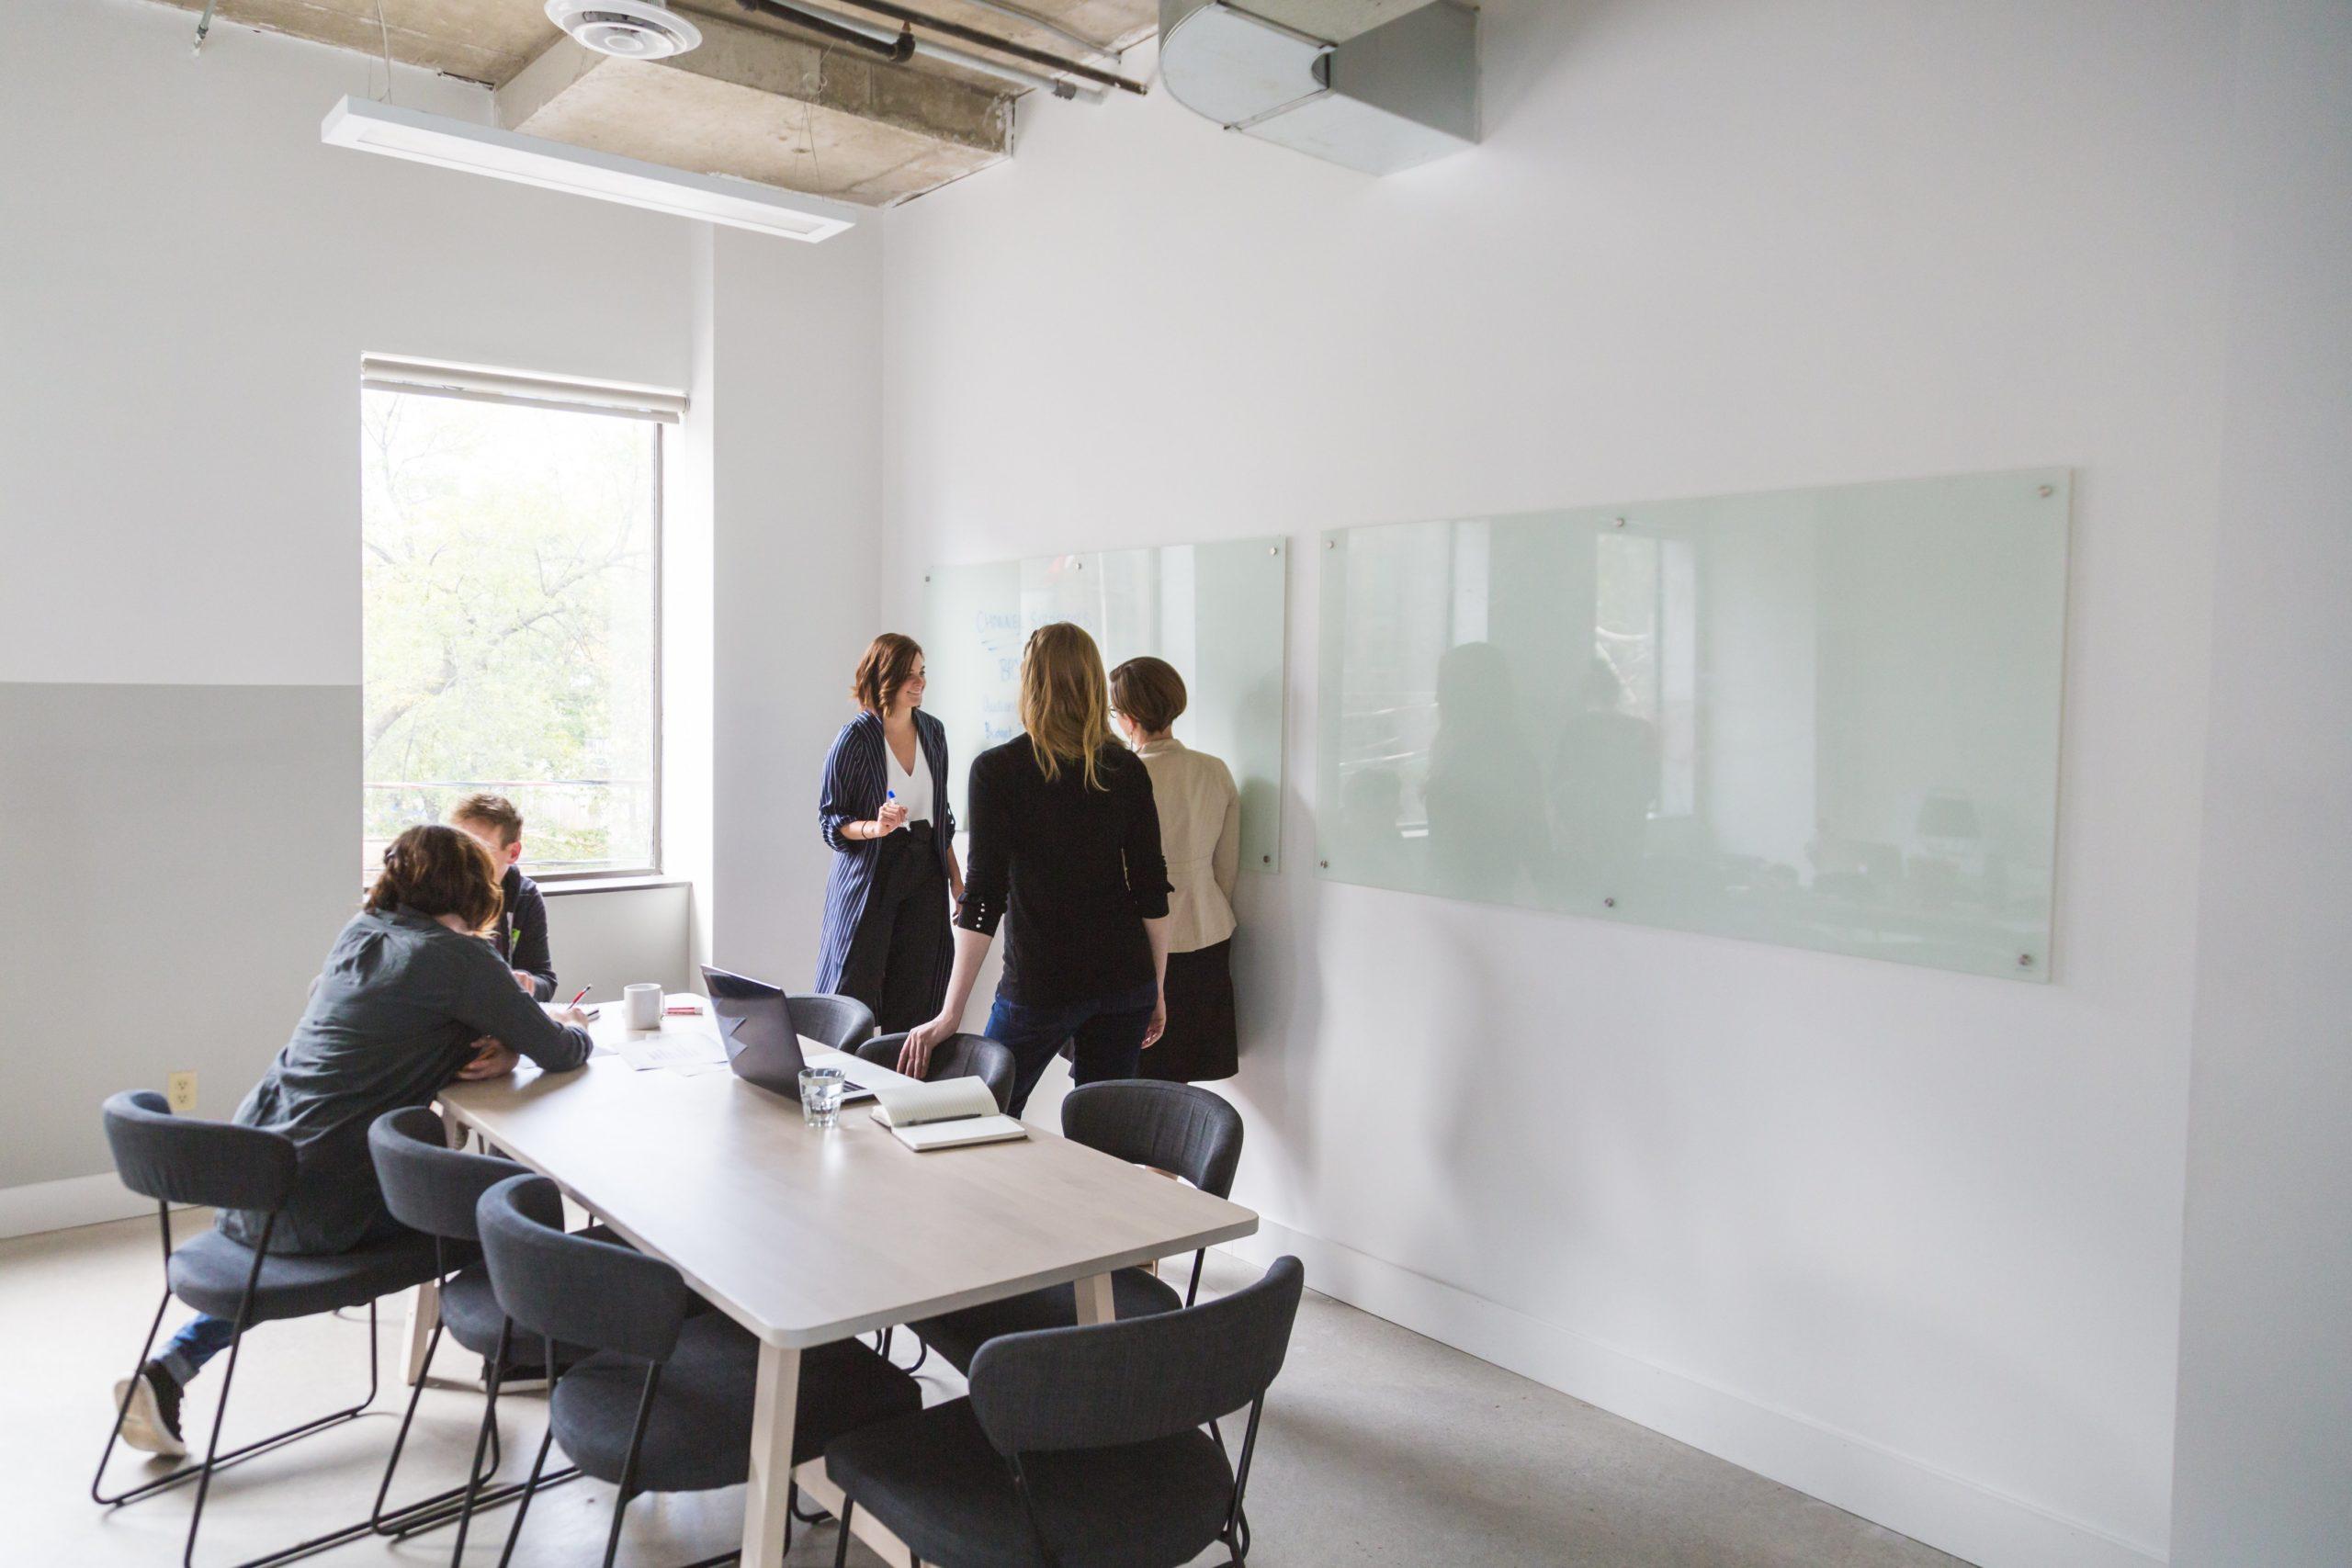 Comment consulter vos associés en 2021?